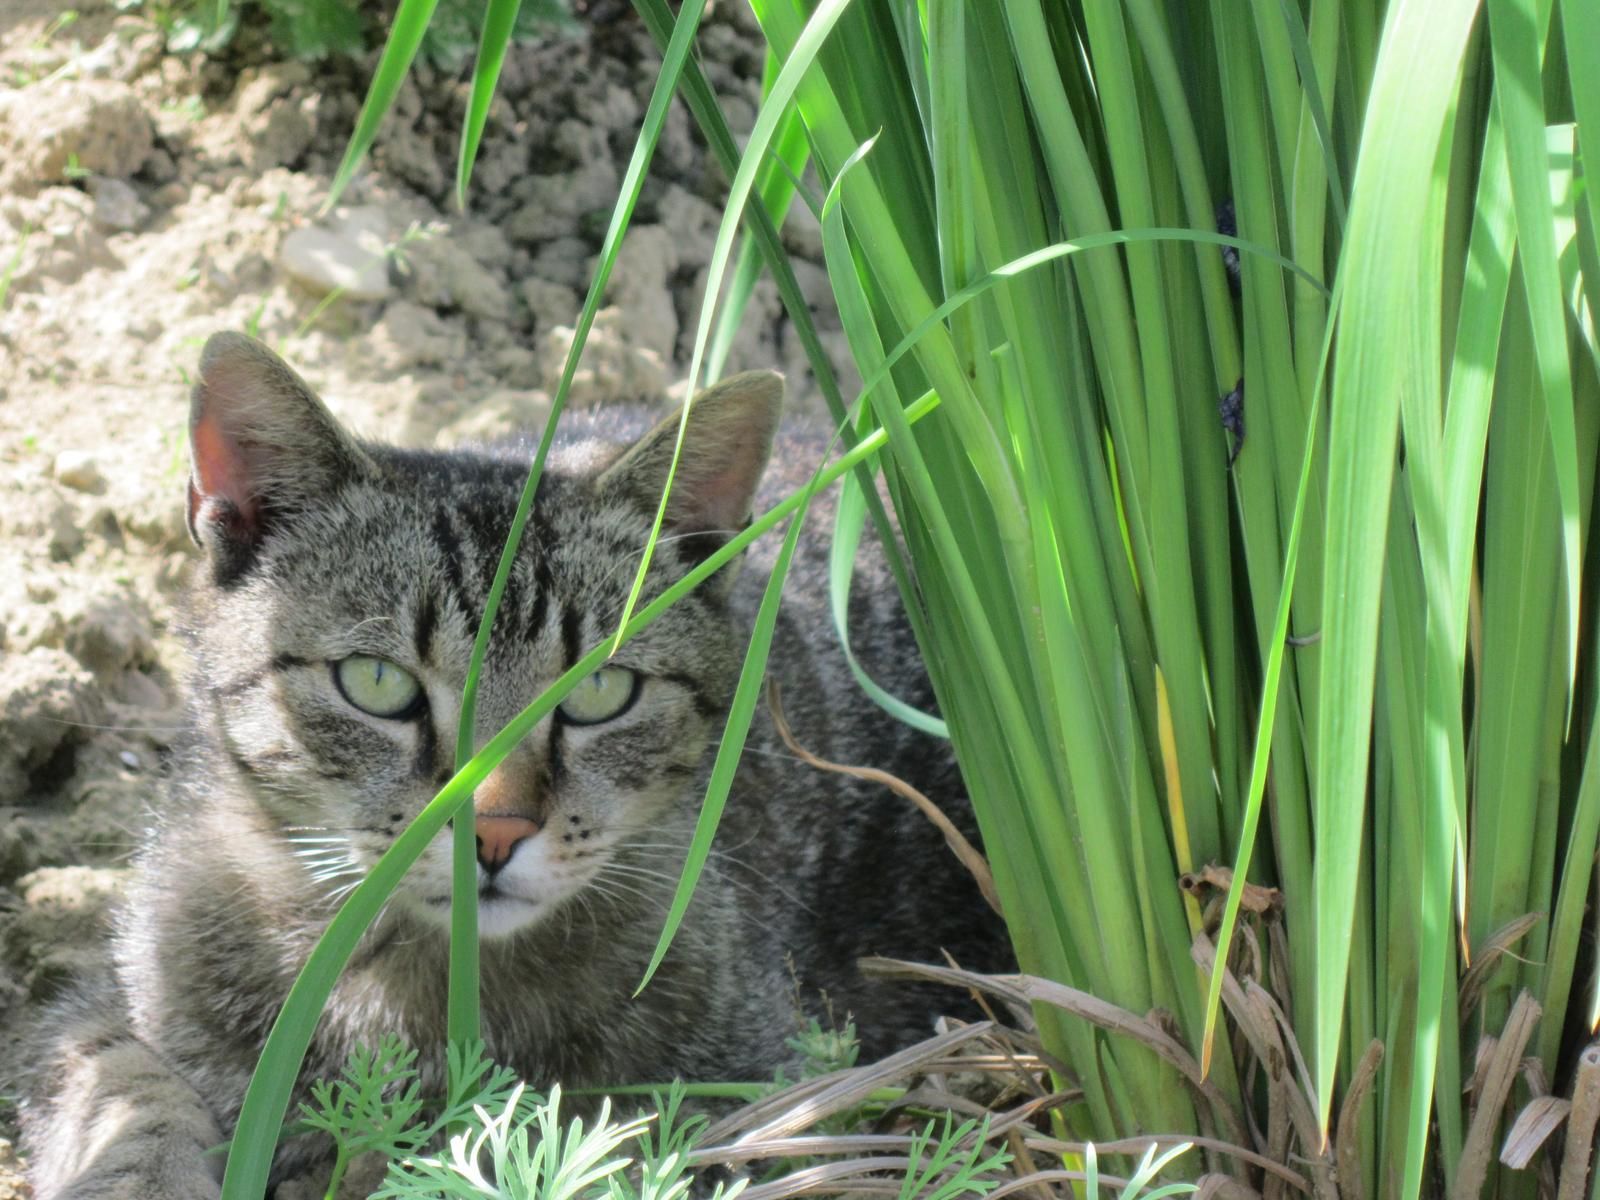 Pozvanie do našej jarnej záhrady - Aj ja farebne ladím v záhrade...